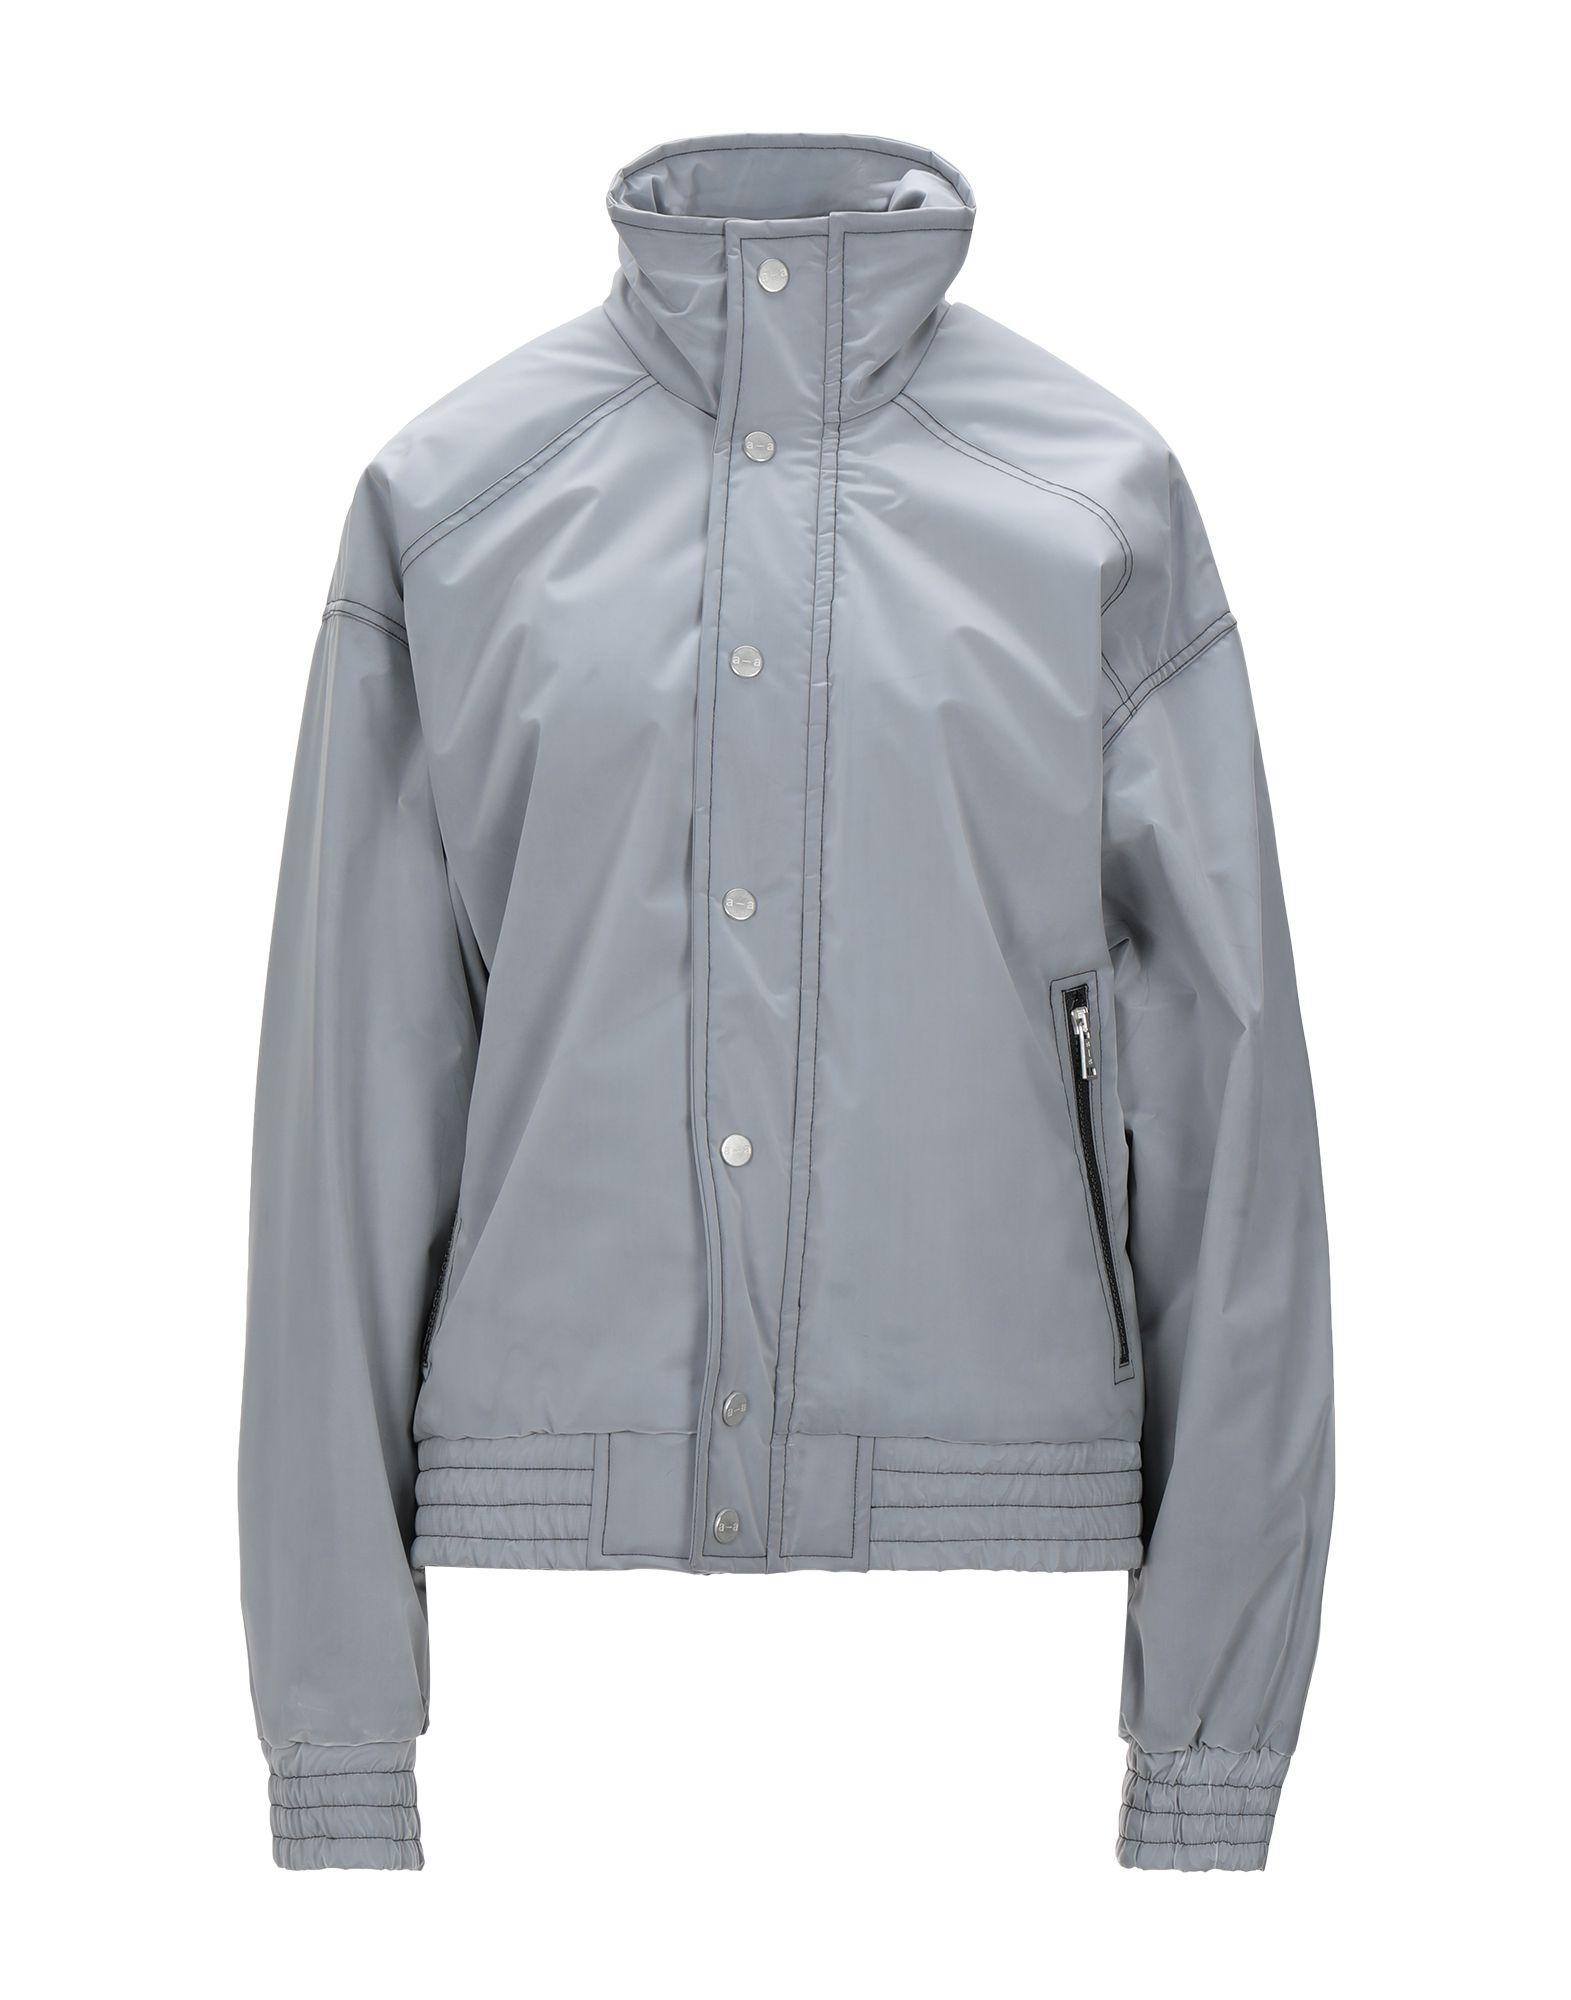 ARTICA-ARBOX Куртка фото